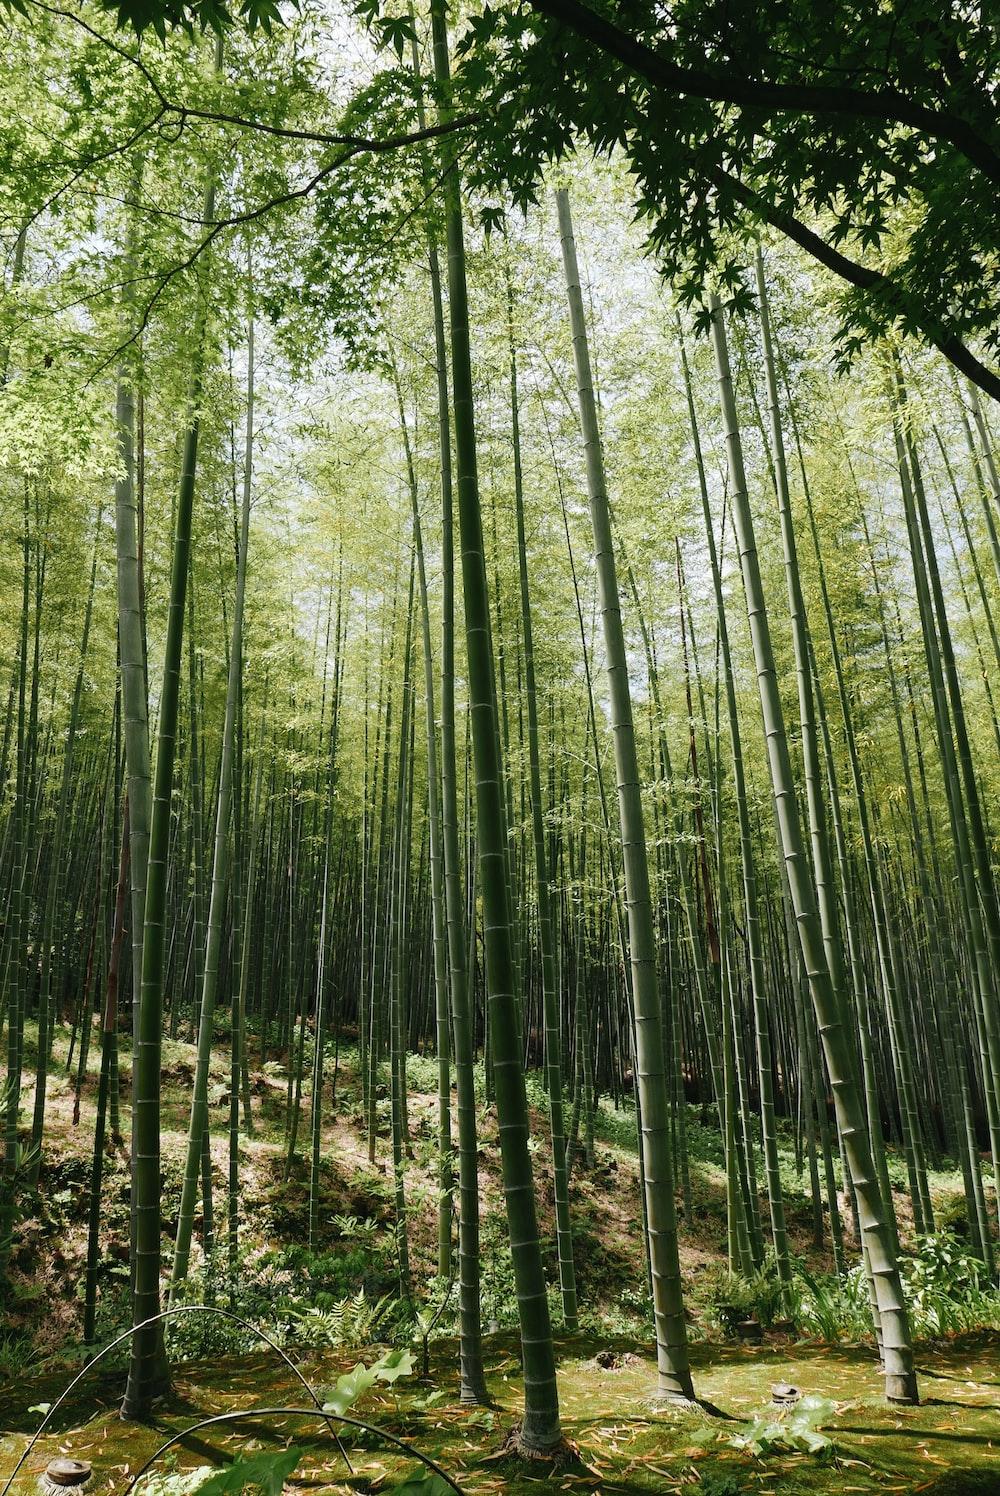 bamboo grass field